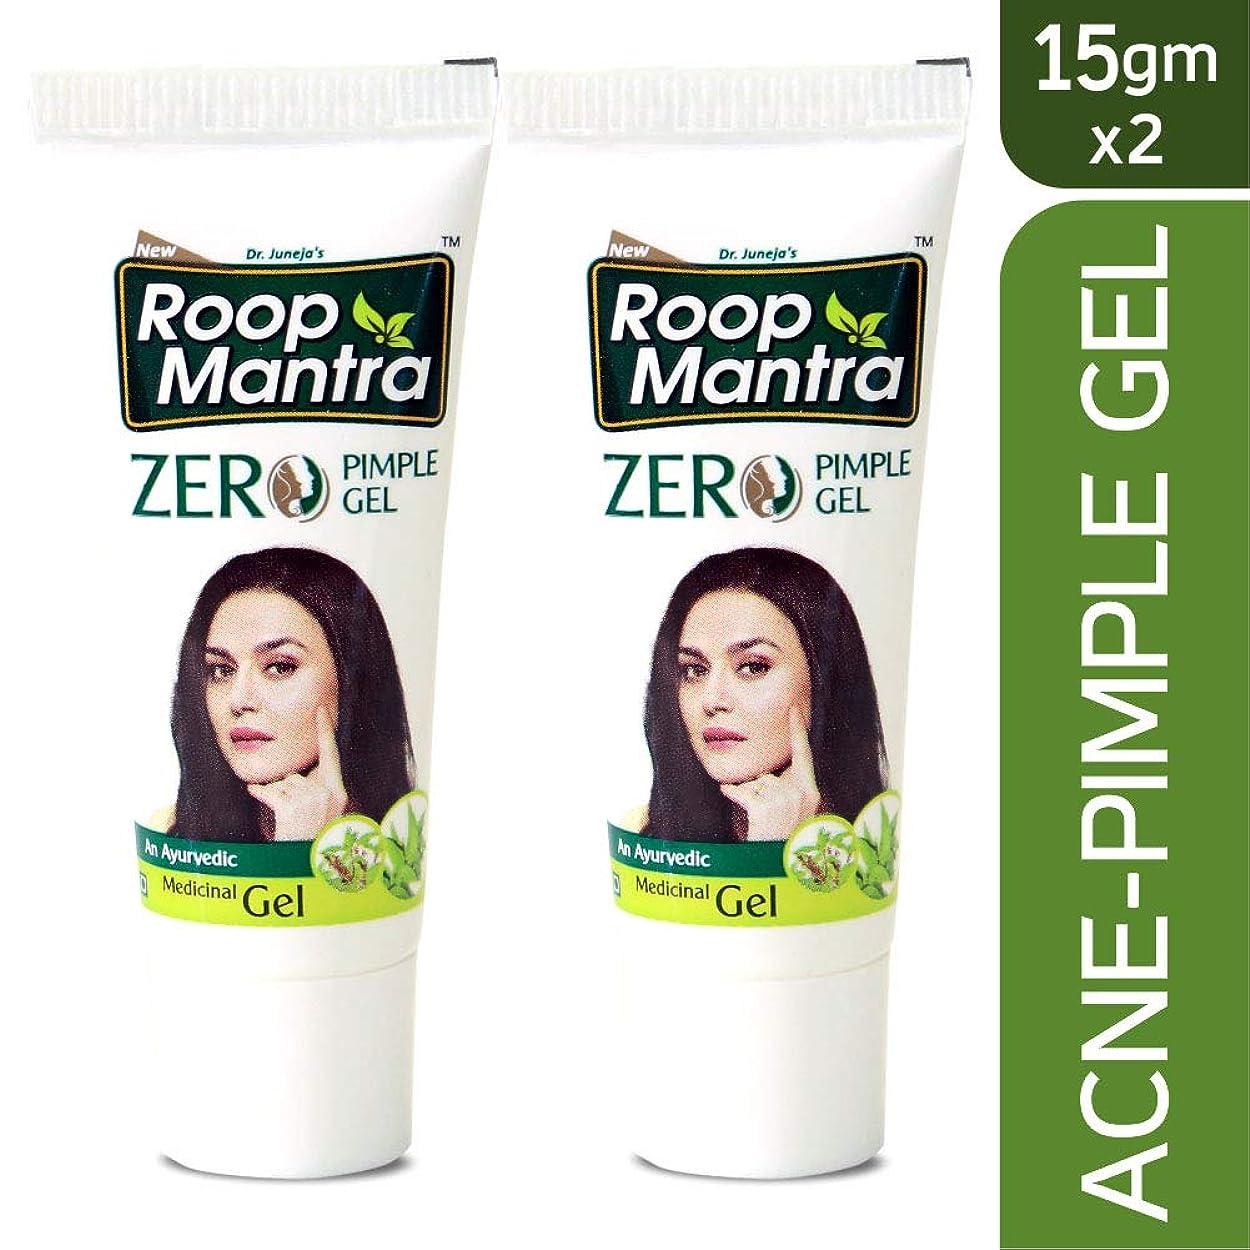 特別なラケット悪行Roop Mantra Zero Pimple Gel 15gm, Pack of 2 (Anti Acne Pimple Gel for Men & Women)